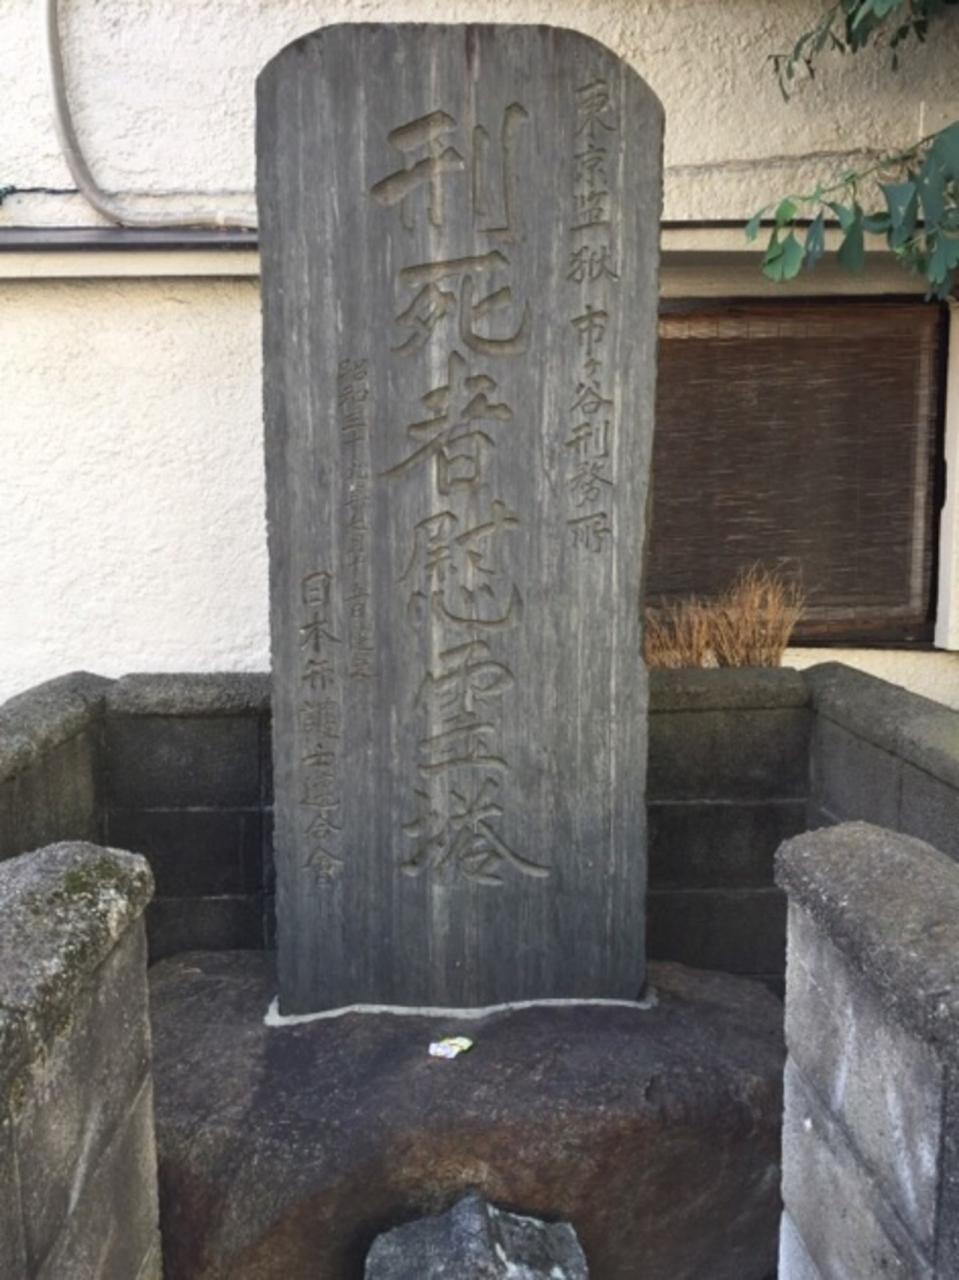 東京監獄 市ヶ谷刑務所 刑死者慰霊塔 クチコミガイド ...